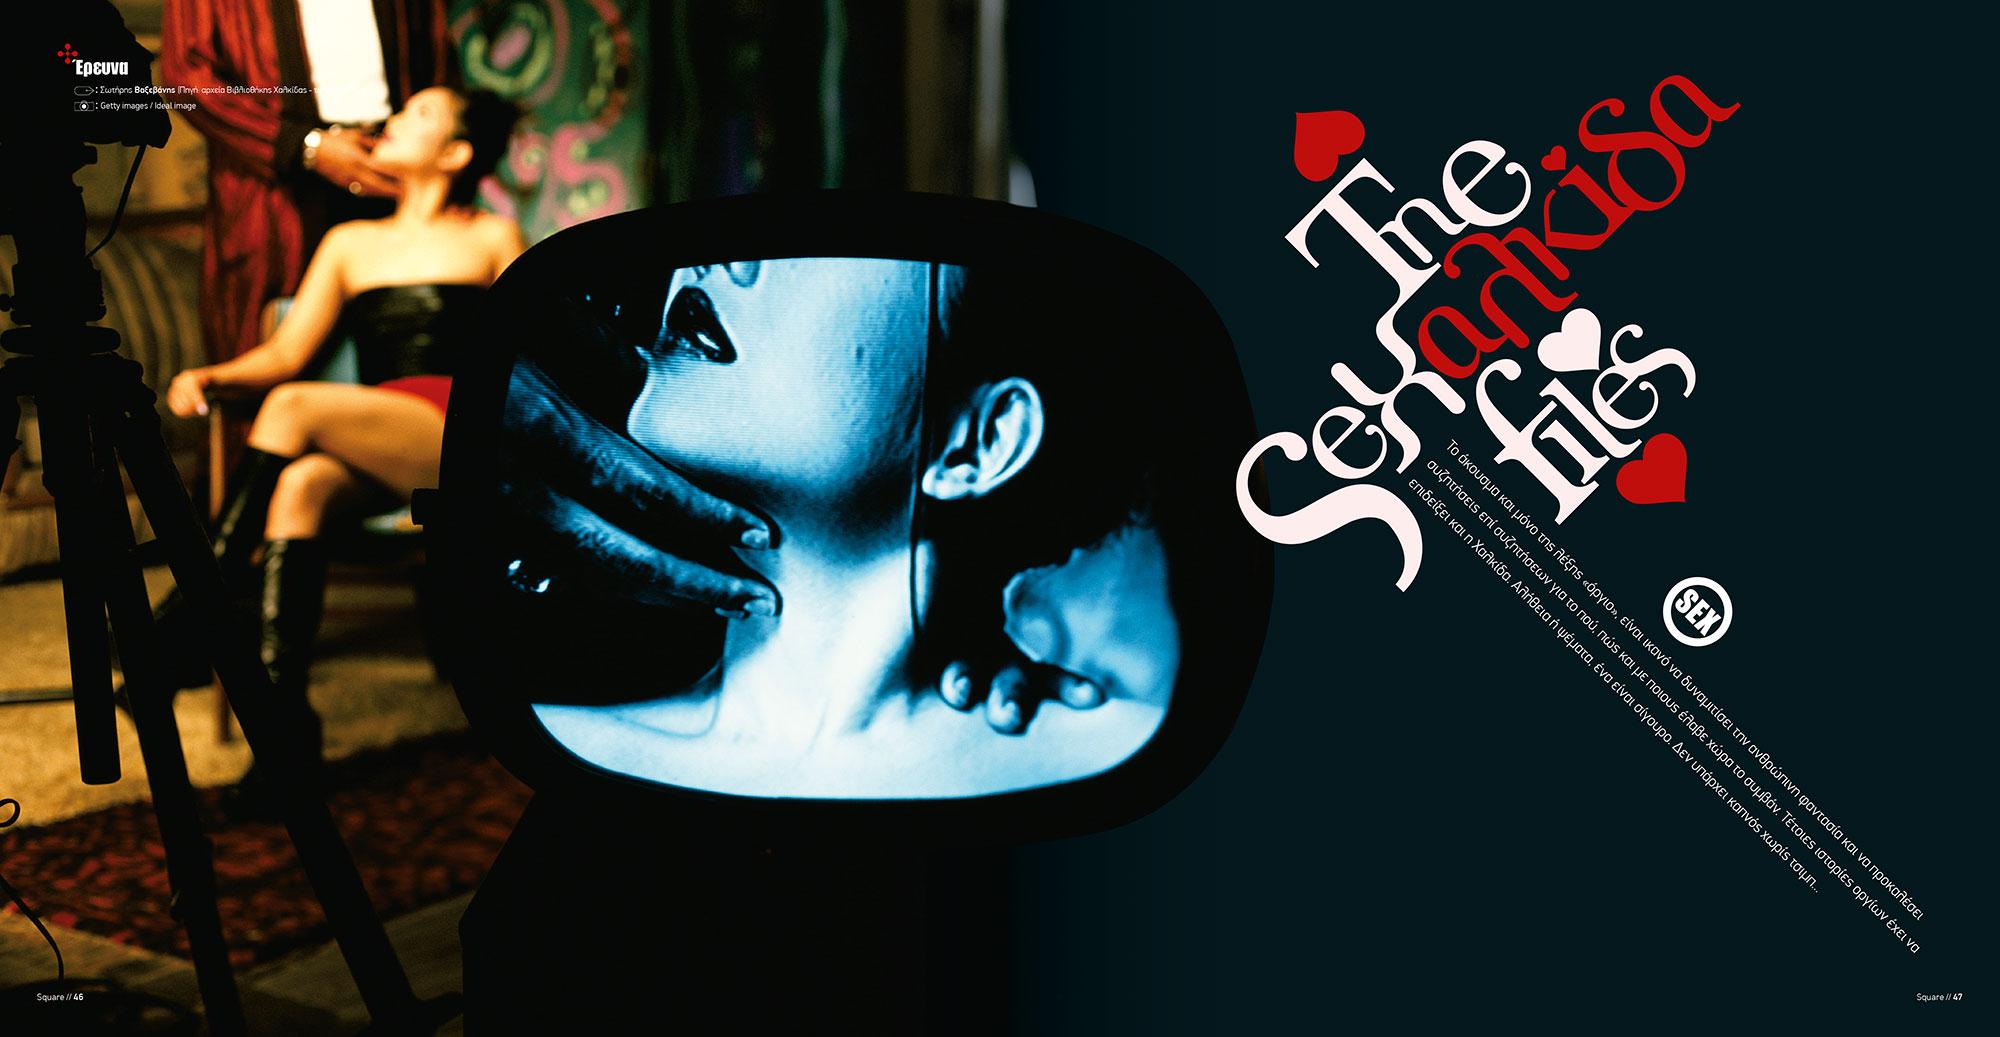 4Άνοιγμα-θέματος-«The-sex-Chalkida-files»